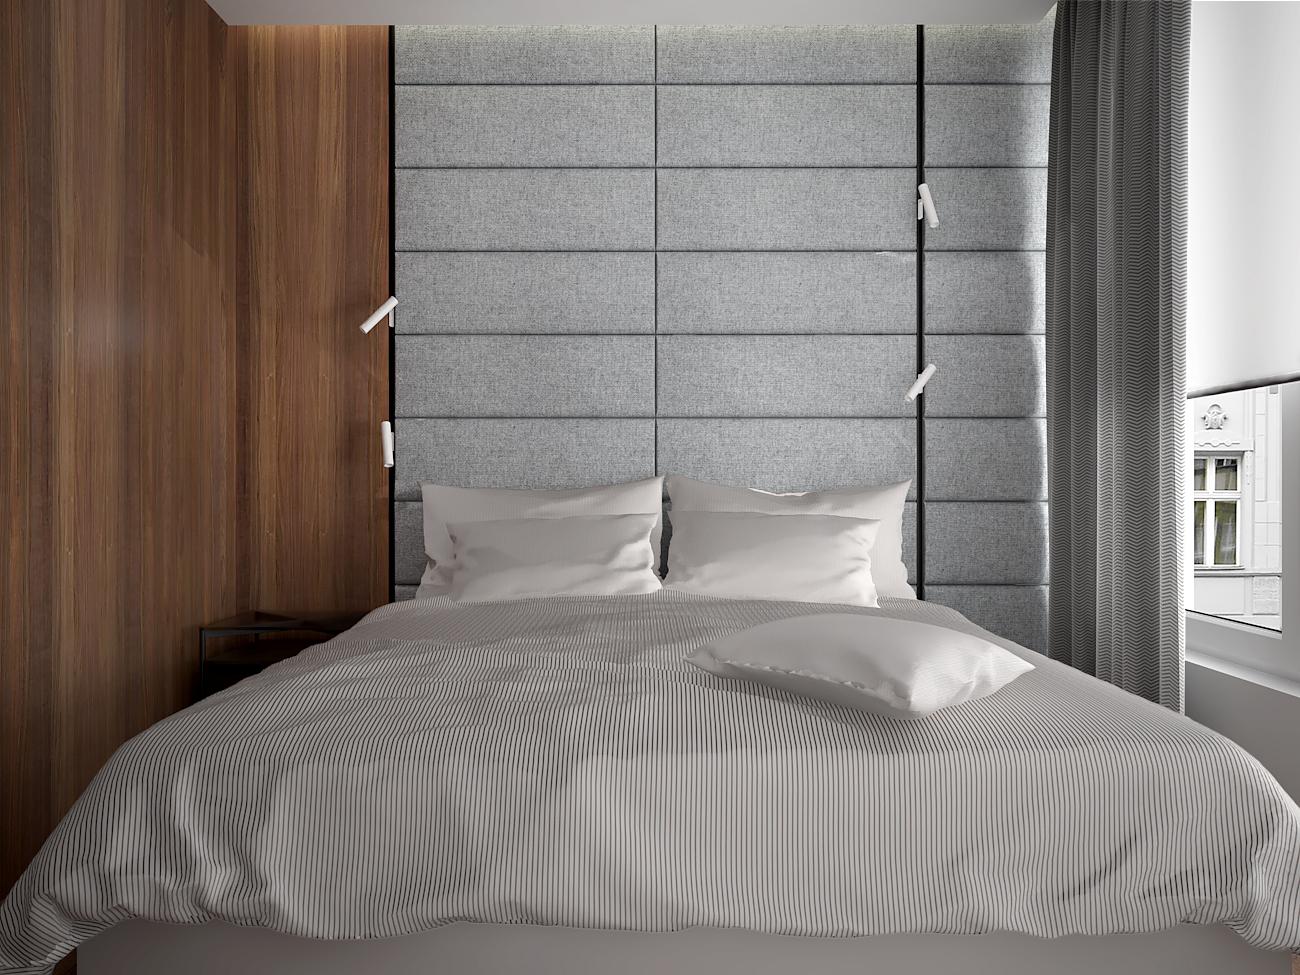 11 aranzacja wnetrza M563 mieszkanie katowice sypialnia lozko tapicerowana sciana za lozkiem fornirowana sciana nowoczesne kinkiety na szynoprzewodach